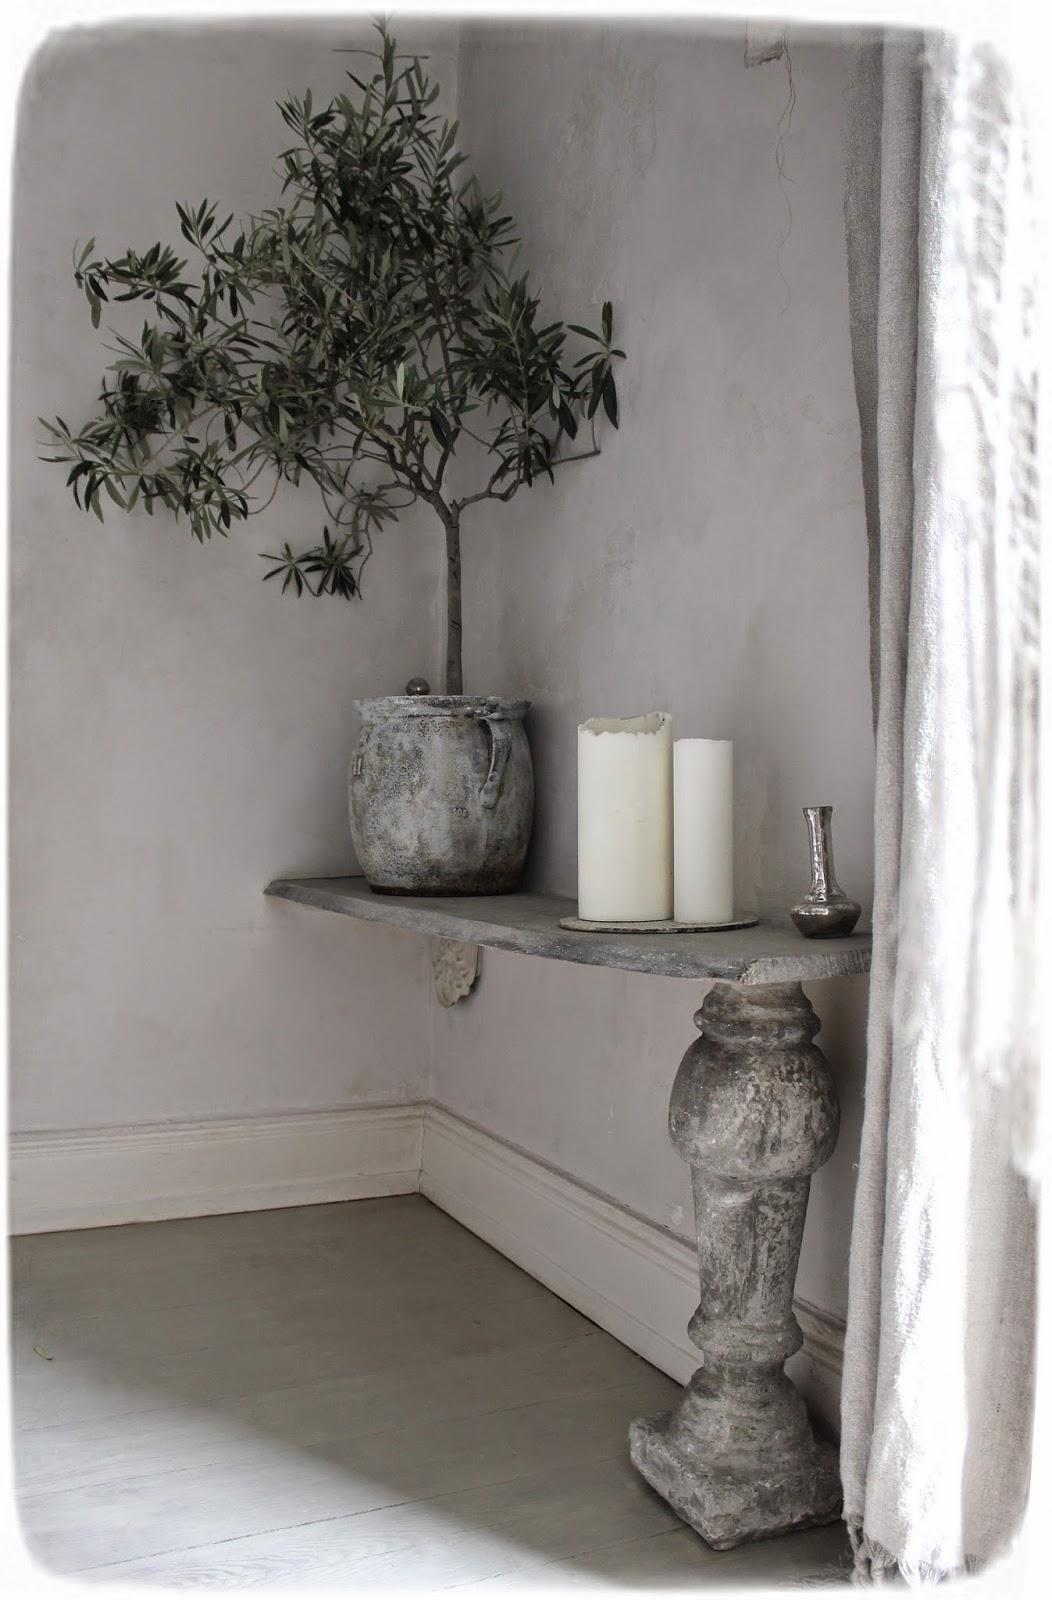 m as vintage baluster baluster. Black Bedroom Furniture Sets. Home Design Ideas